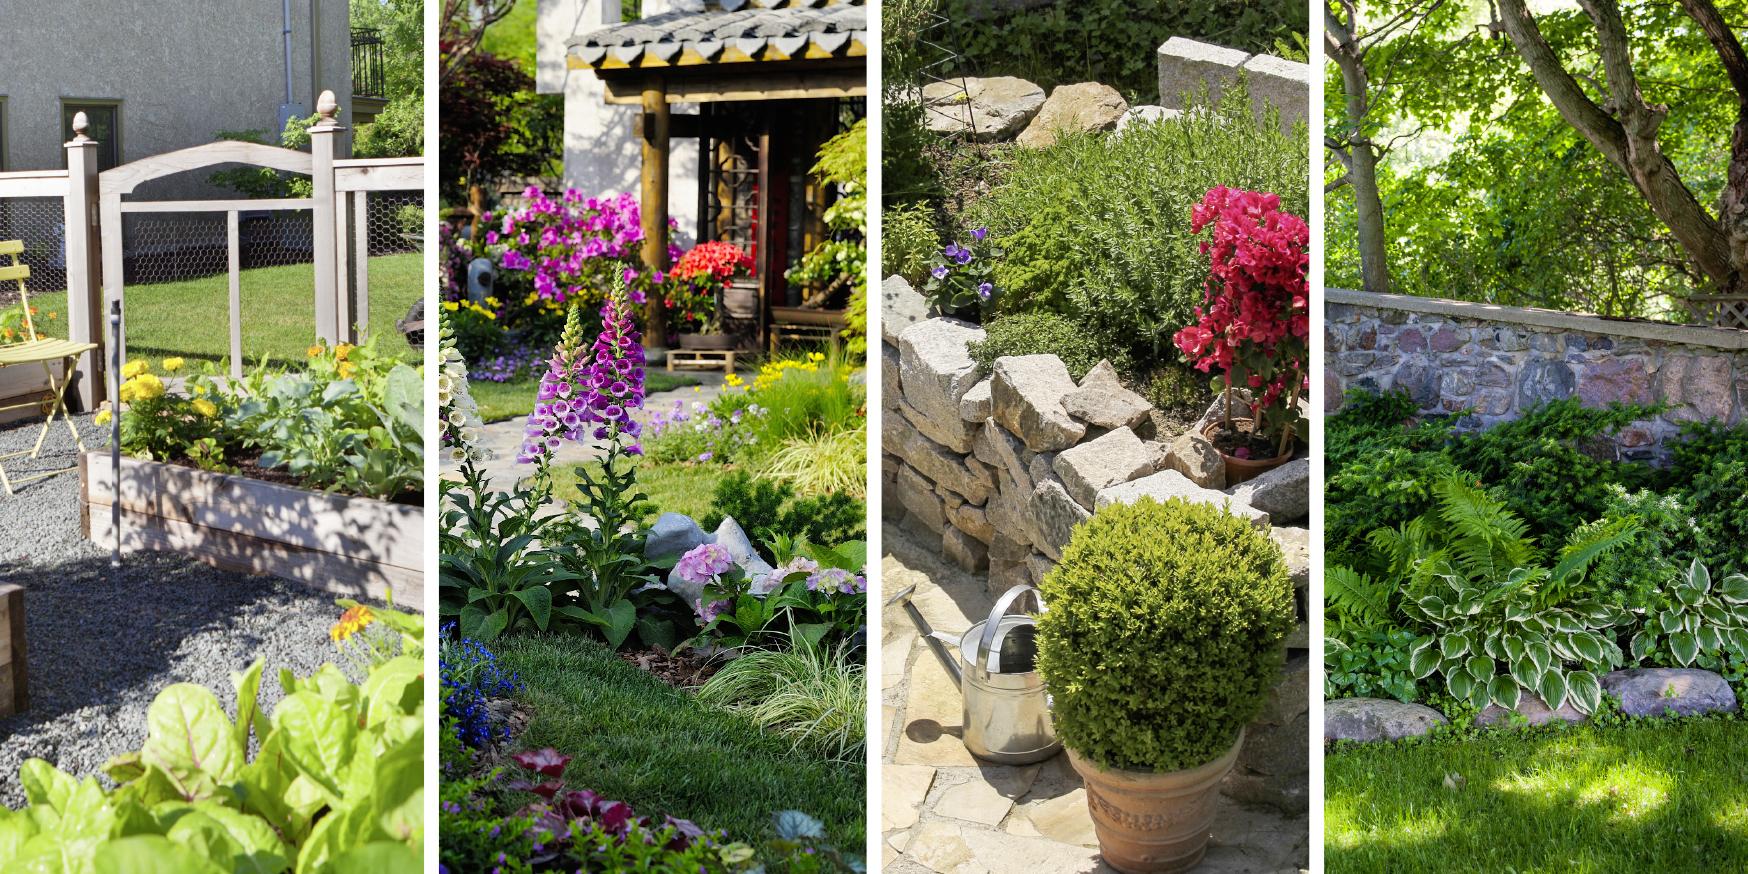 Welcher Gartentyp sind Sie?